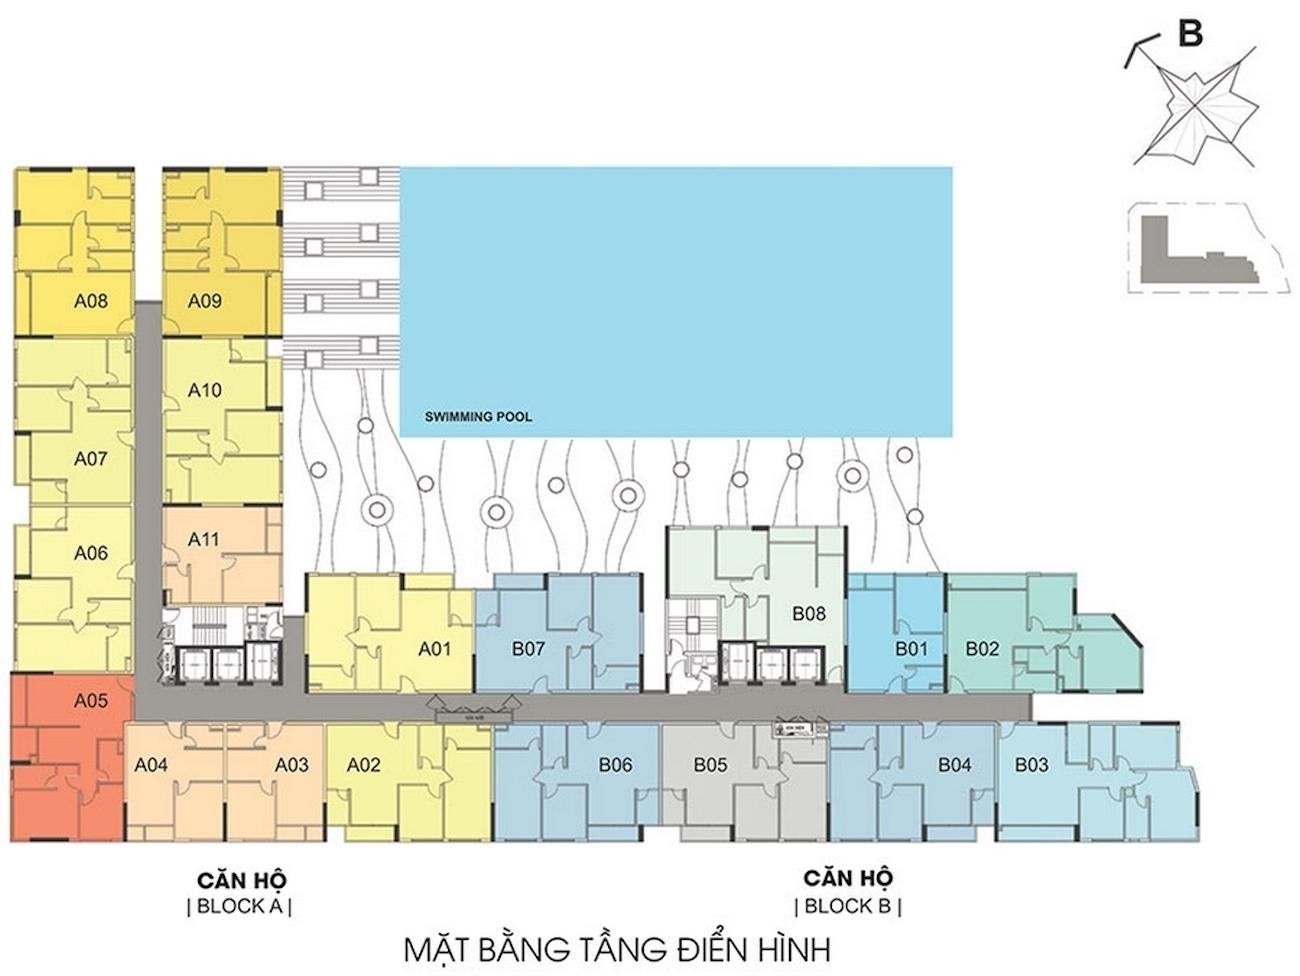 Mặt bằng dự án căn hộ chung cư Thủ Thiêm Dragon Quận 2 Đường Quách Giai chủ đầu tư Thủ Thiêm Group